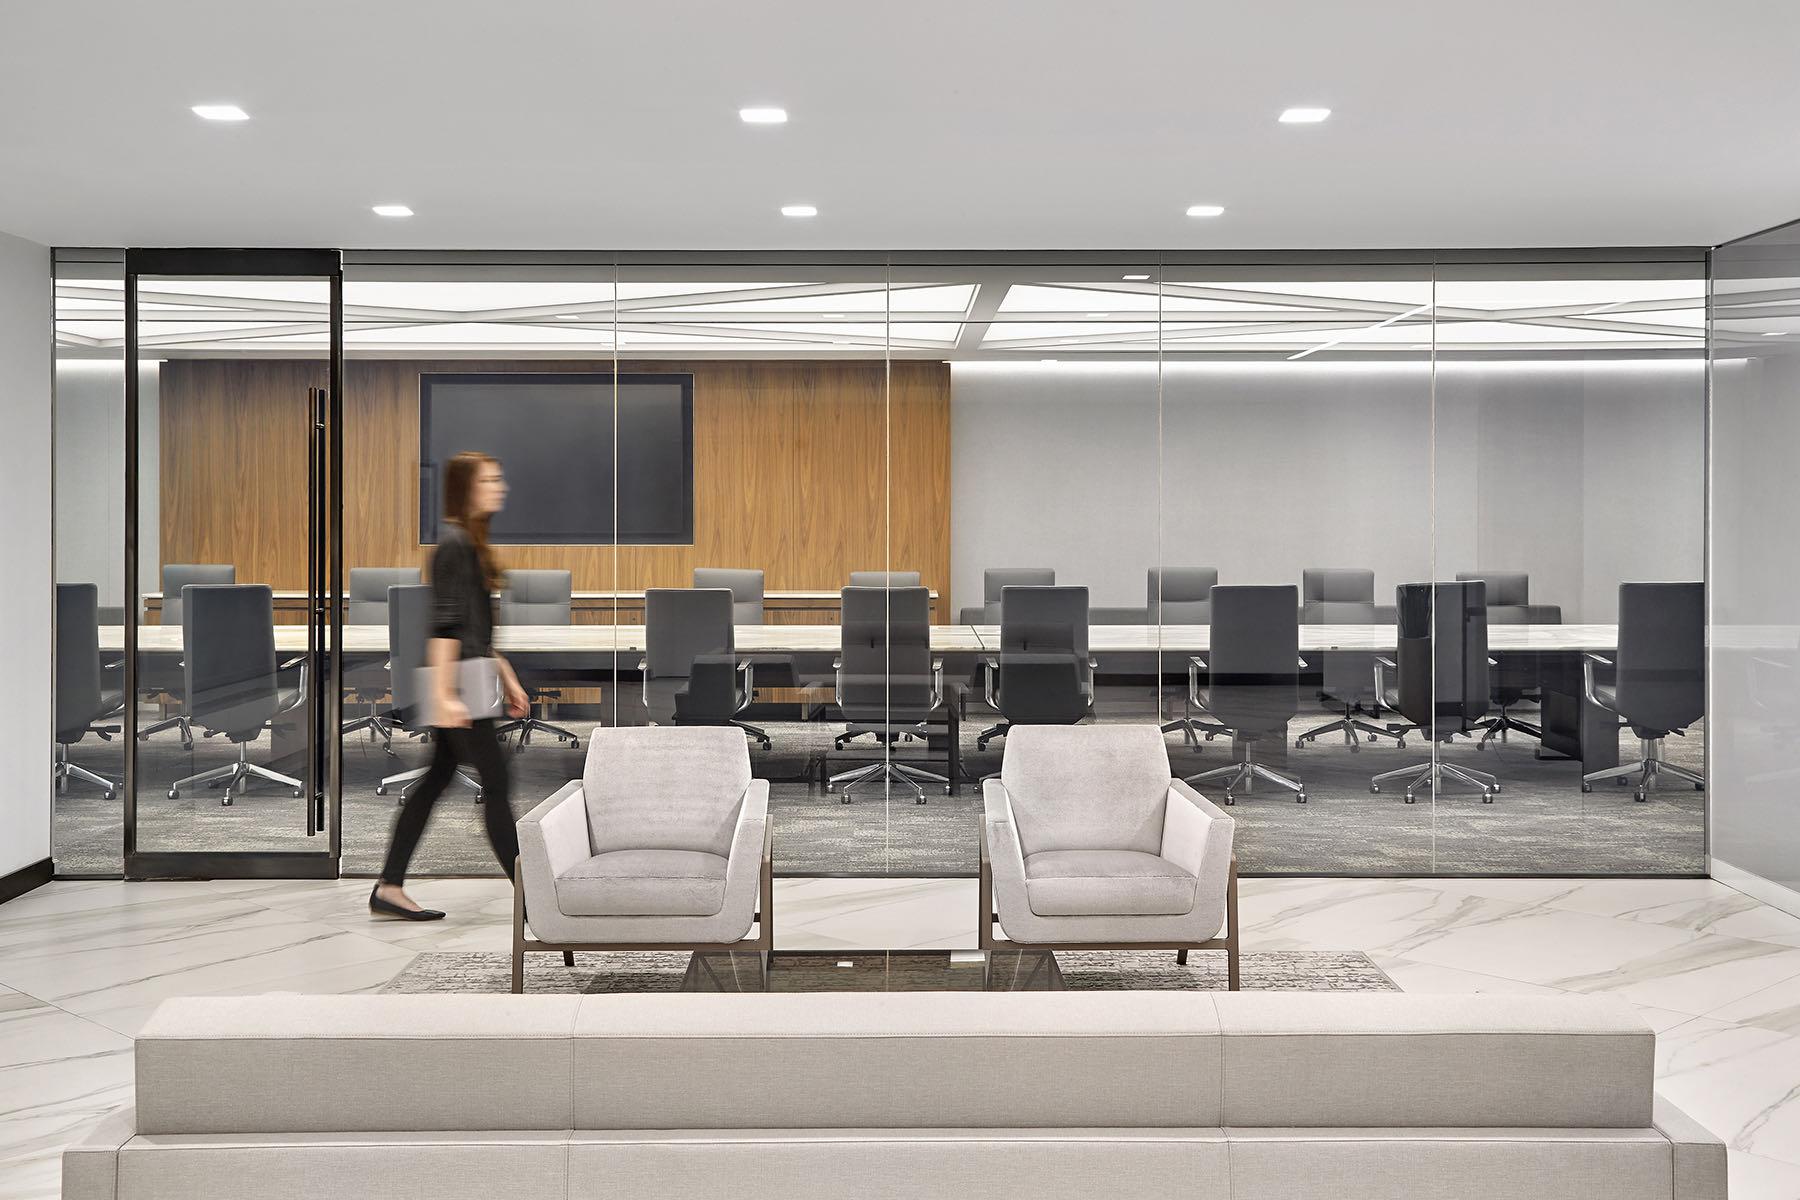 mizuho-nyc-office-6